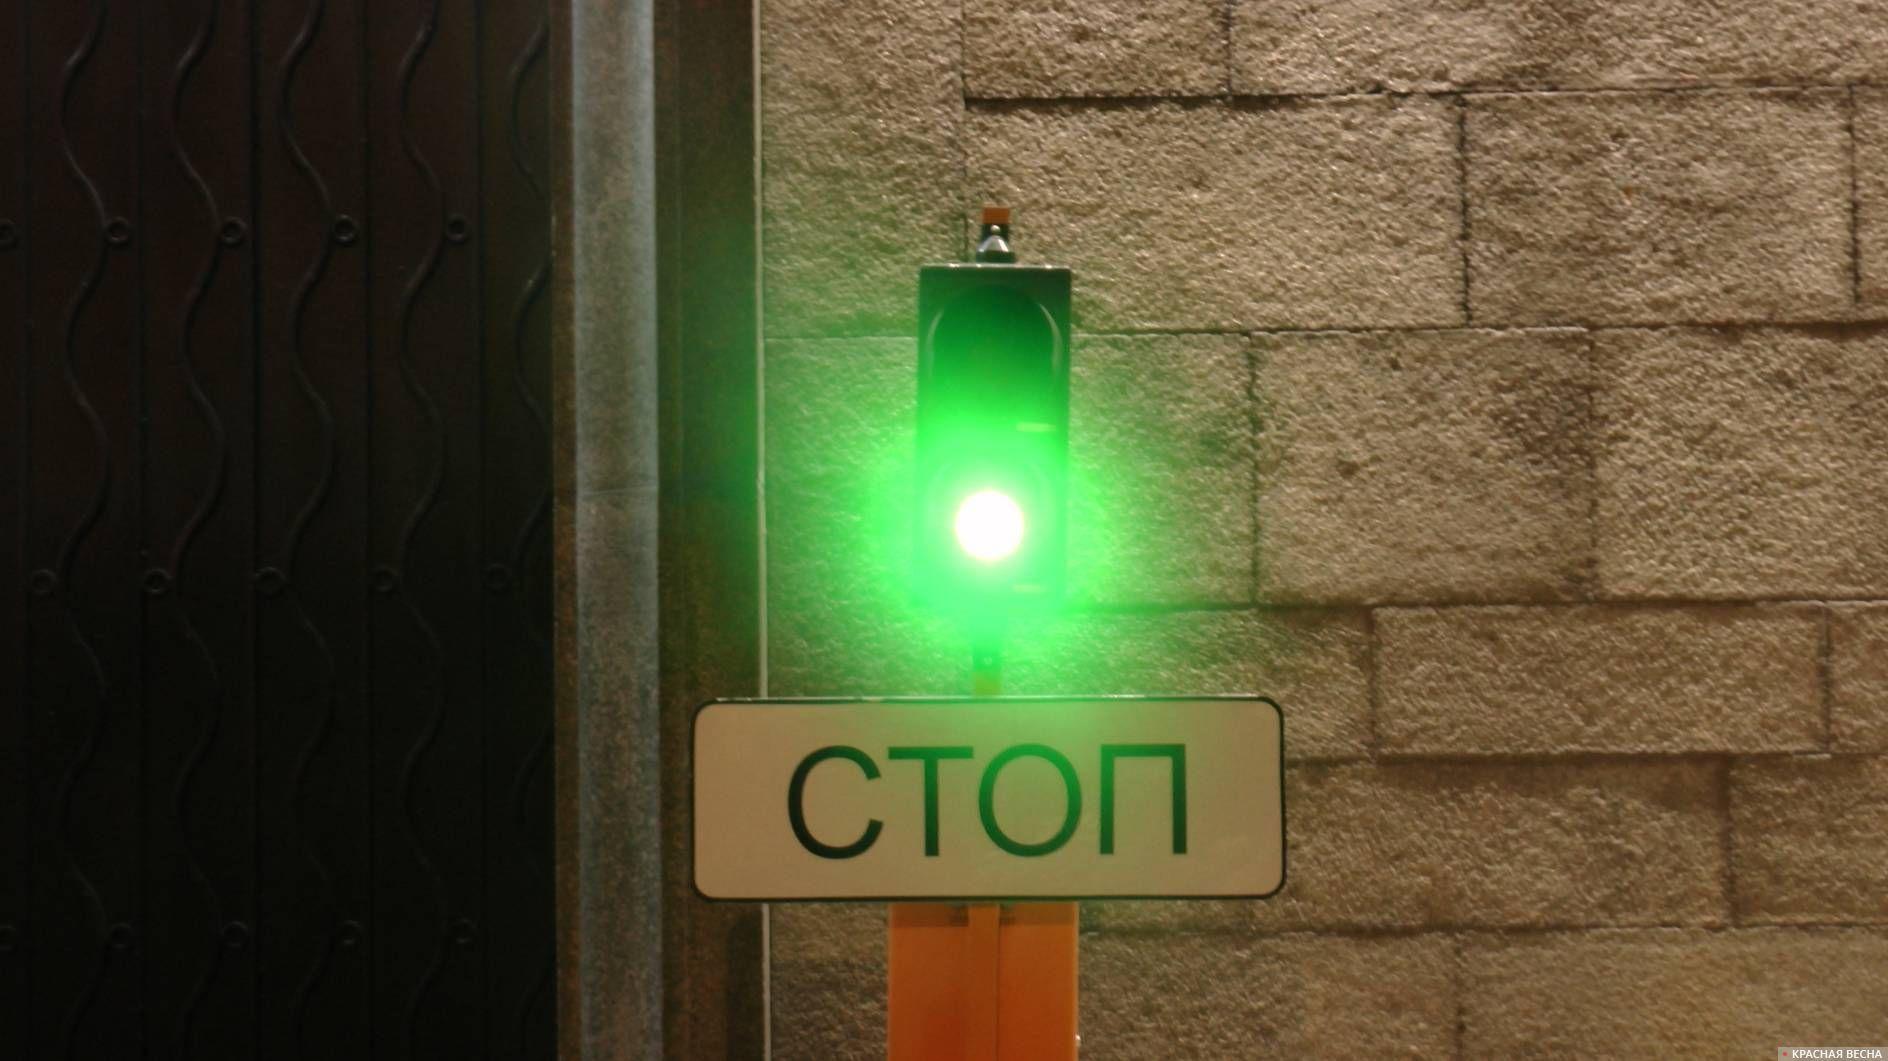 Зеленый сигнал светофора